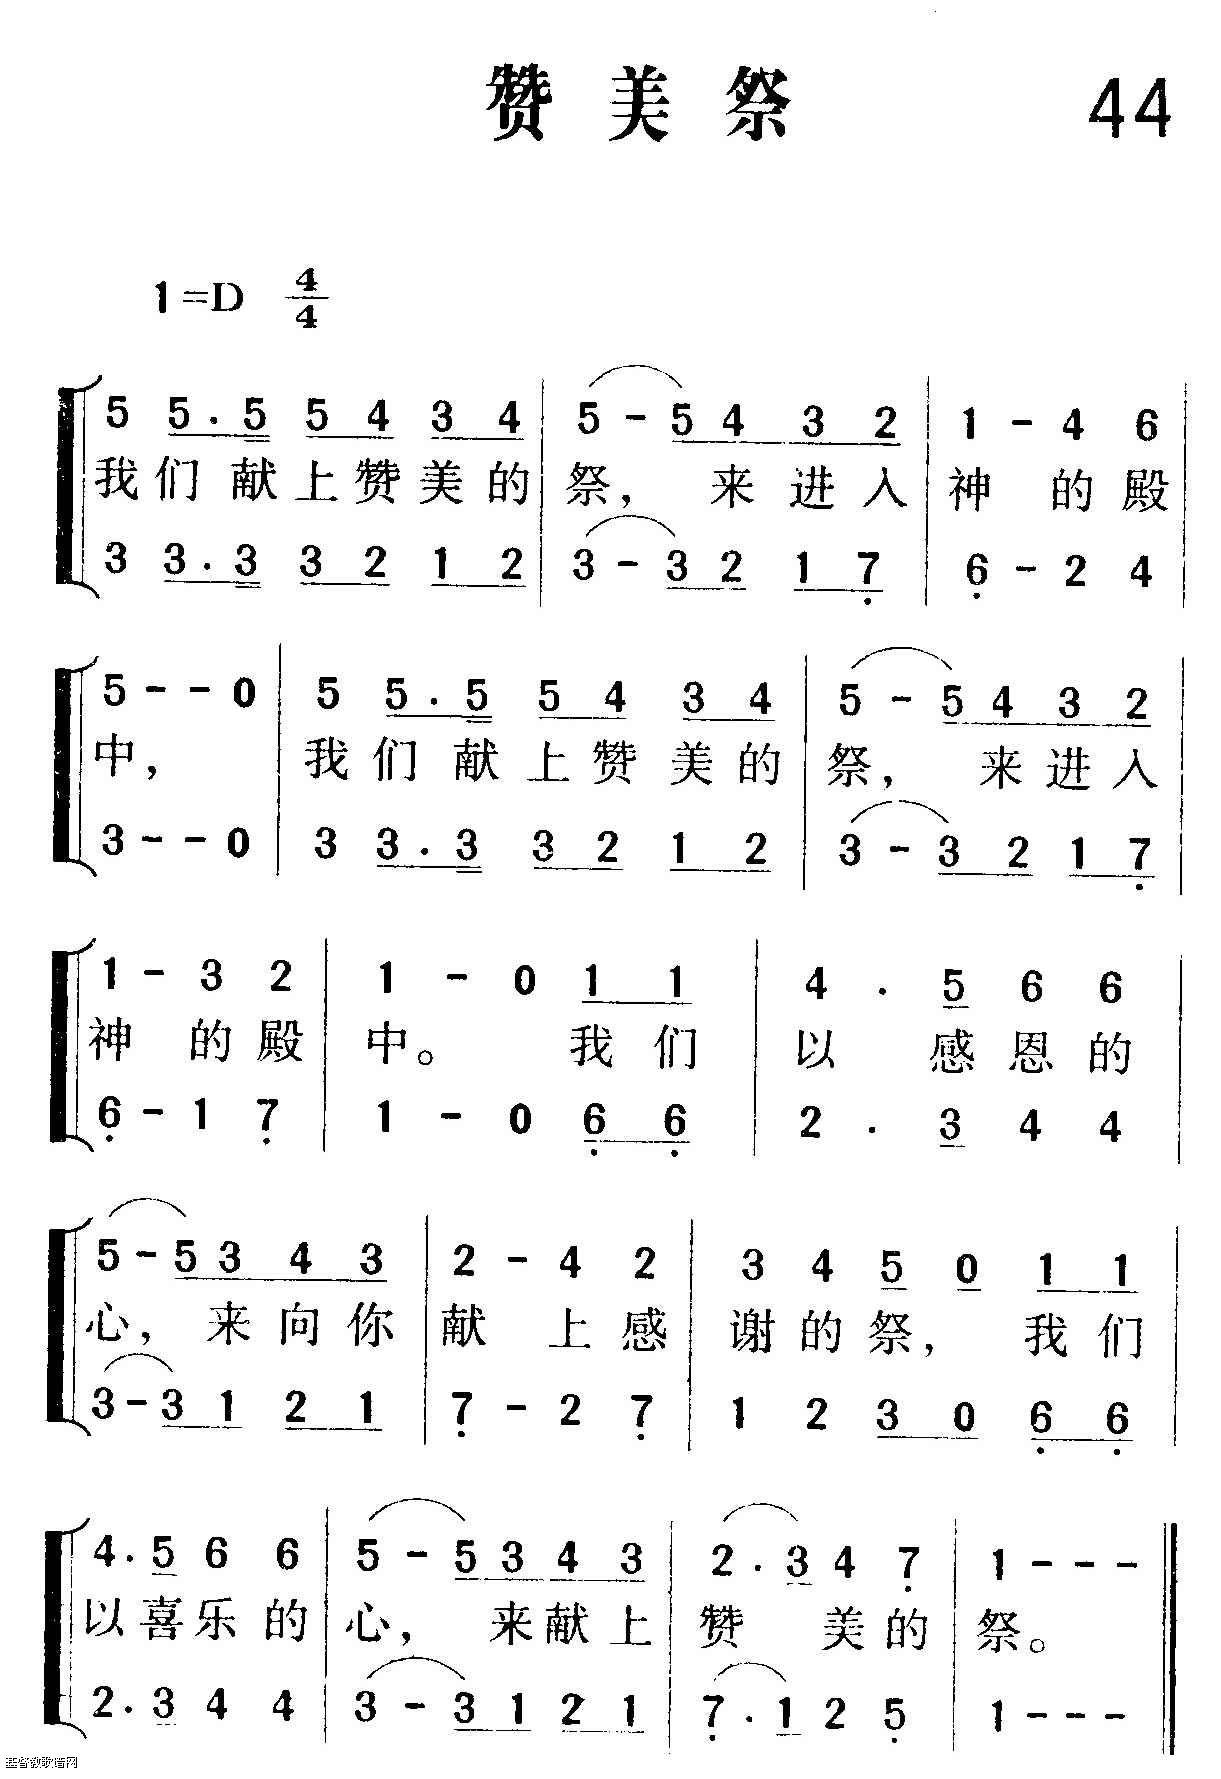 京剧薛亚萍祭江曲谱-赞美祭 合唱歌谱